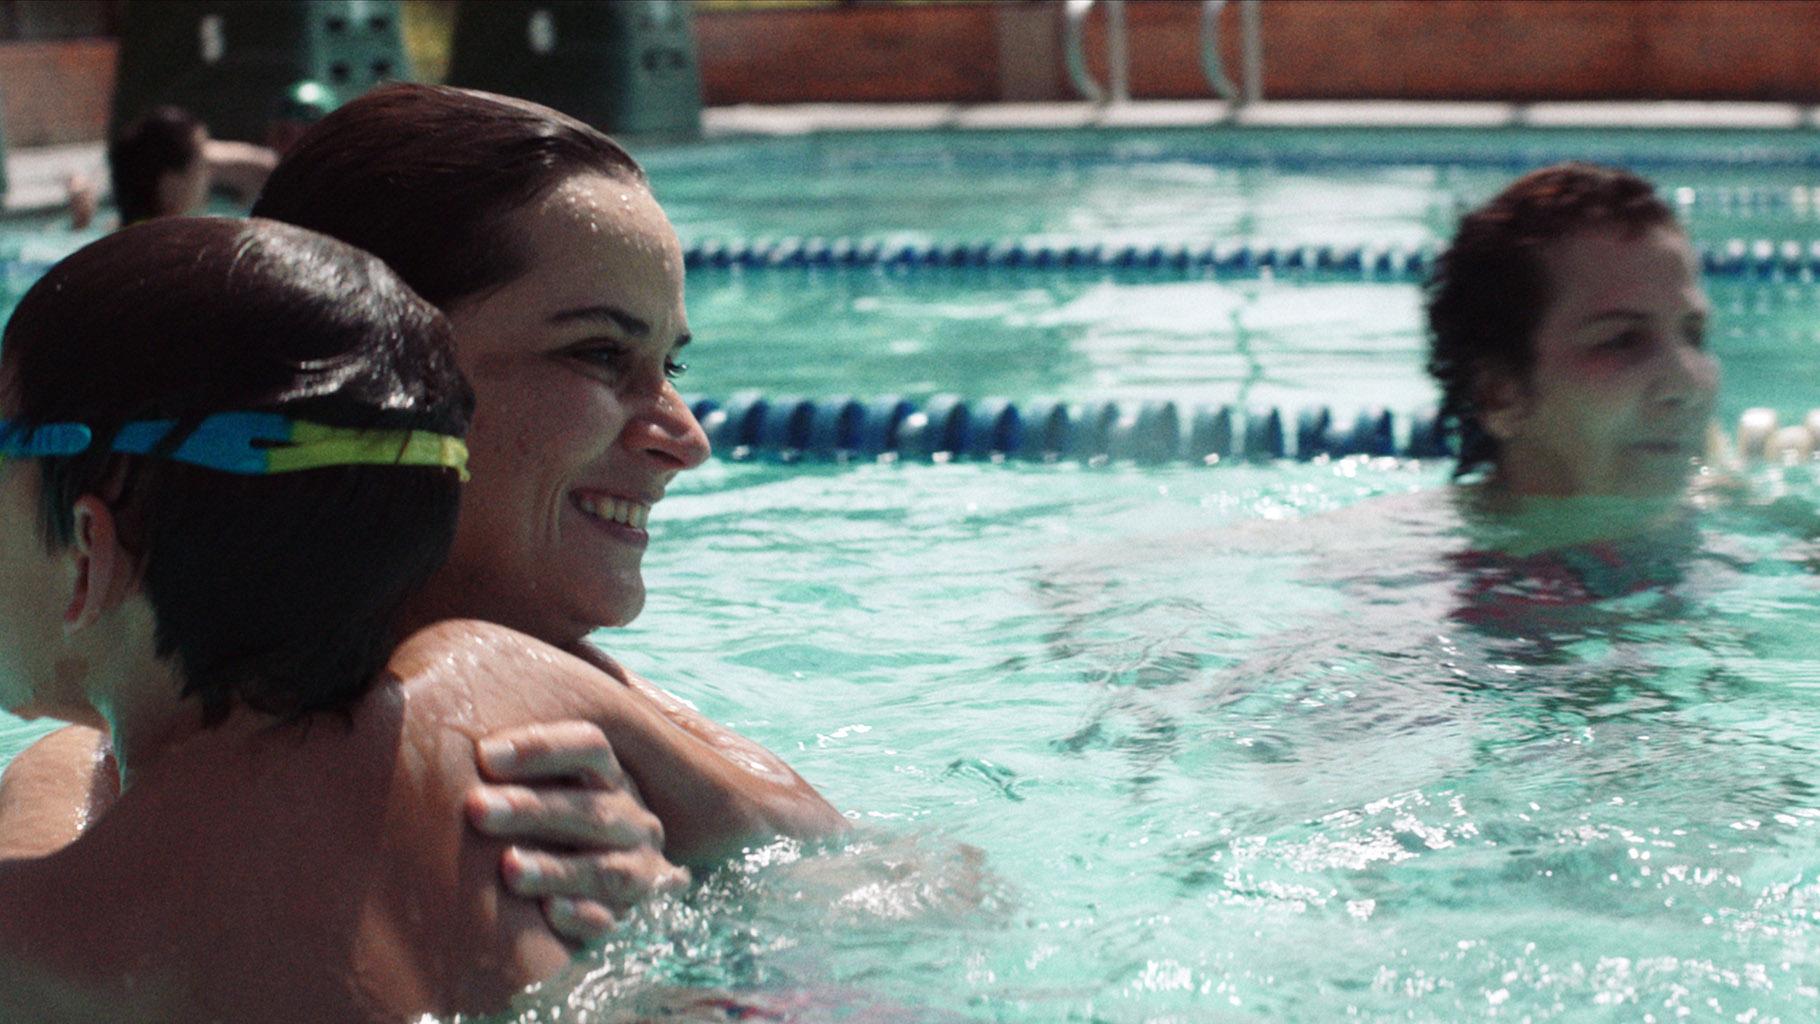 La película protagonizada por Carolina Sanín y Leticia Gómez rinde homenaje a la mujer y la maternidad.